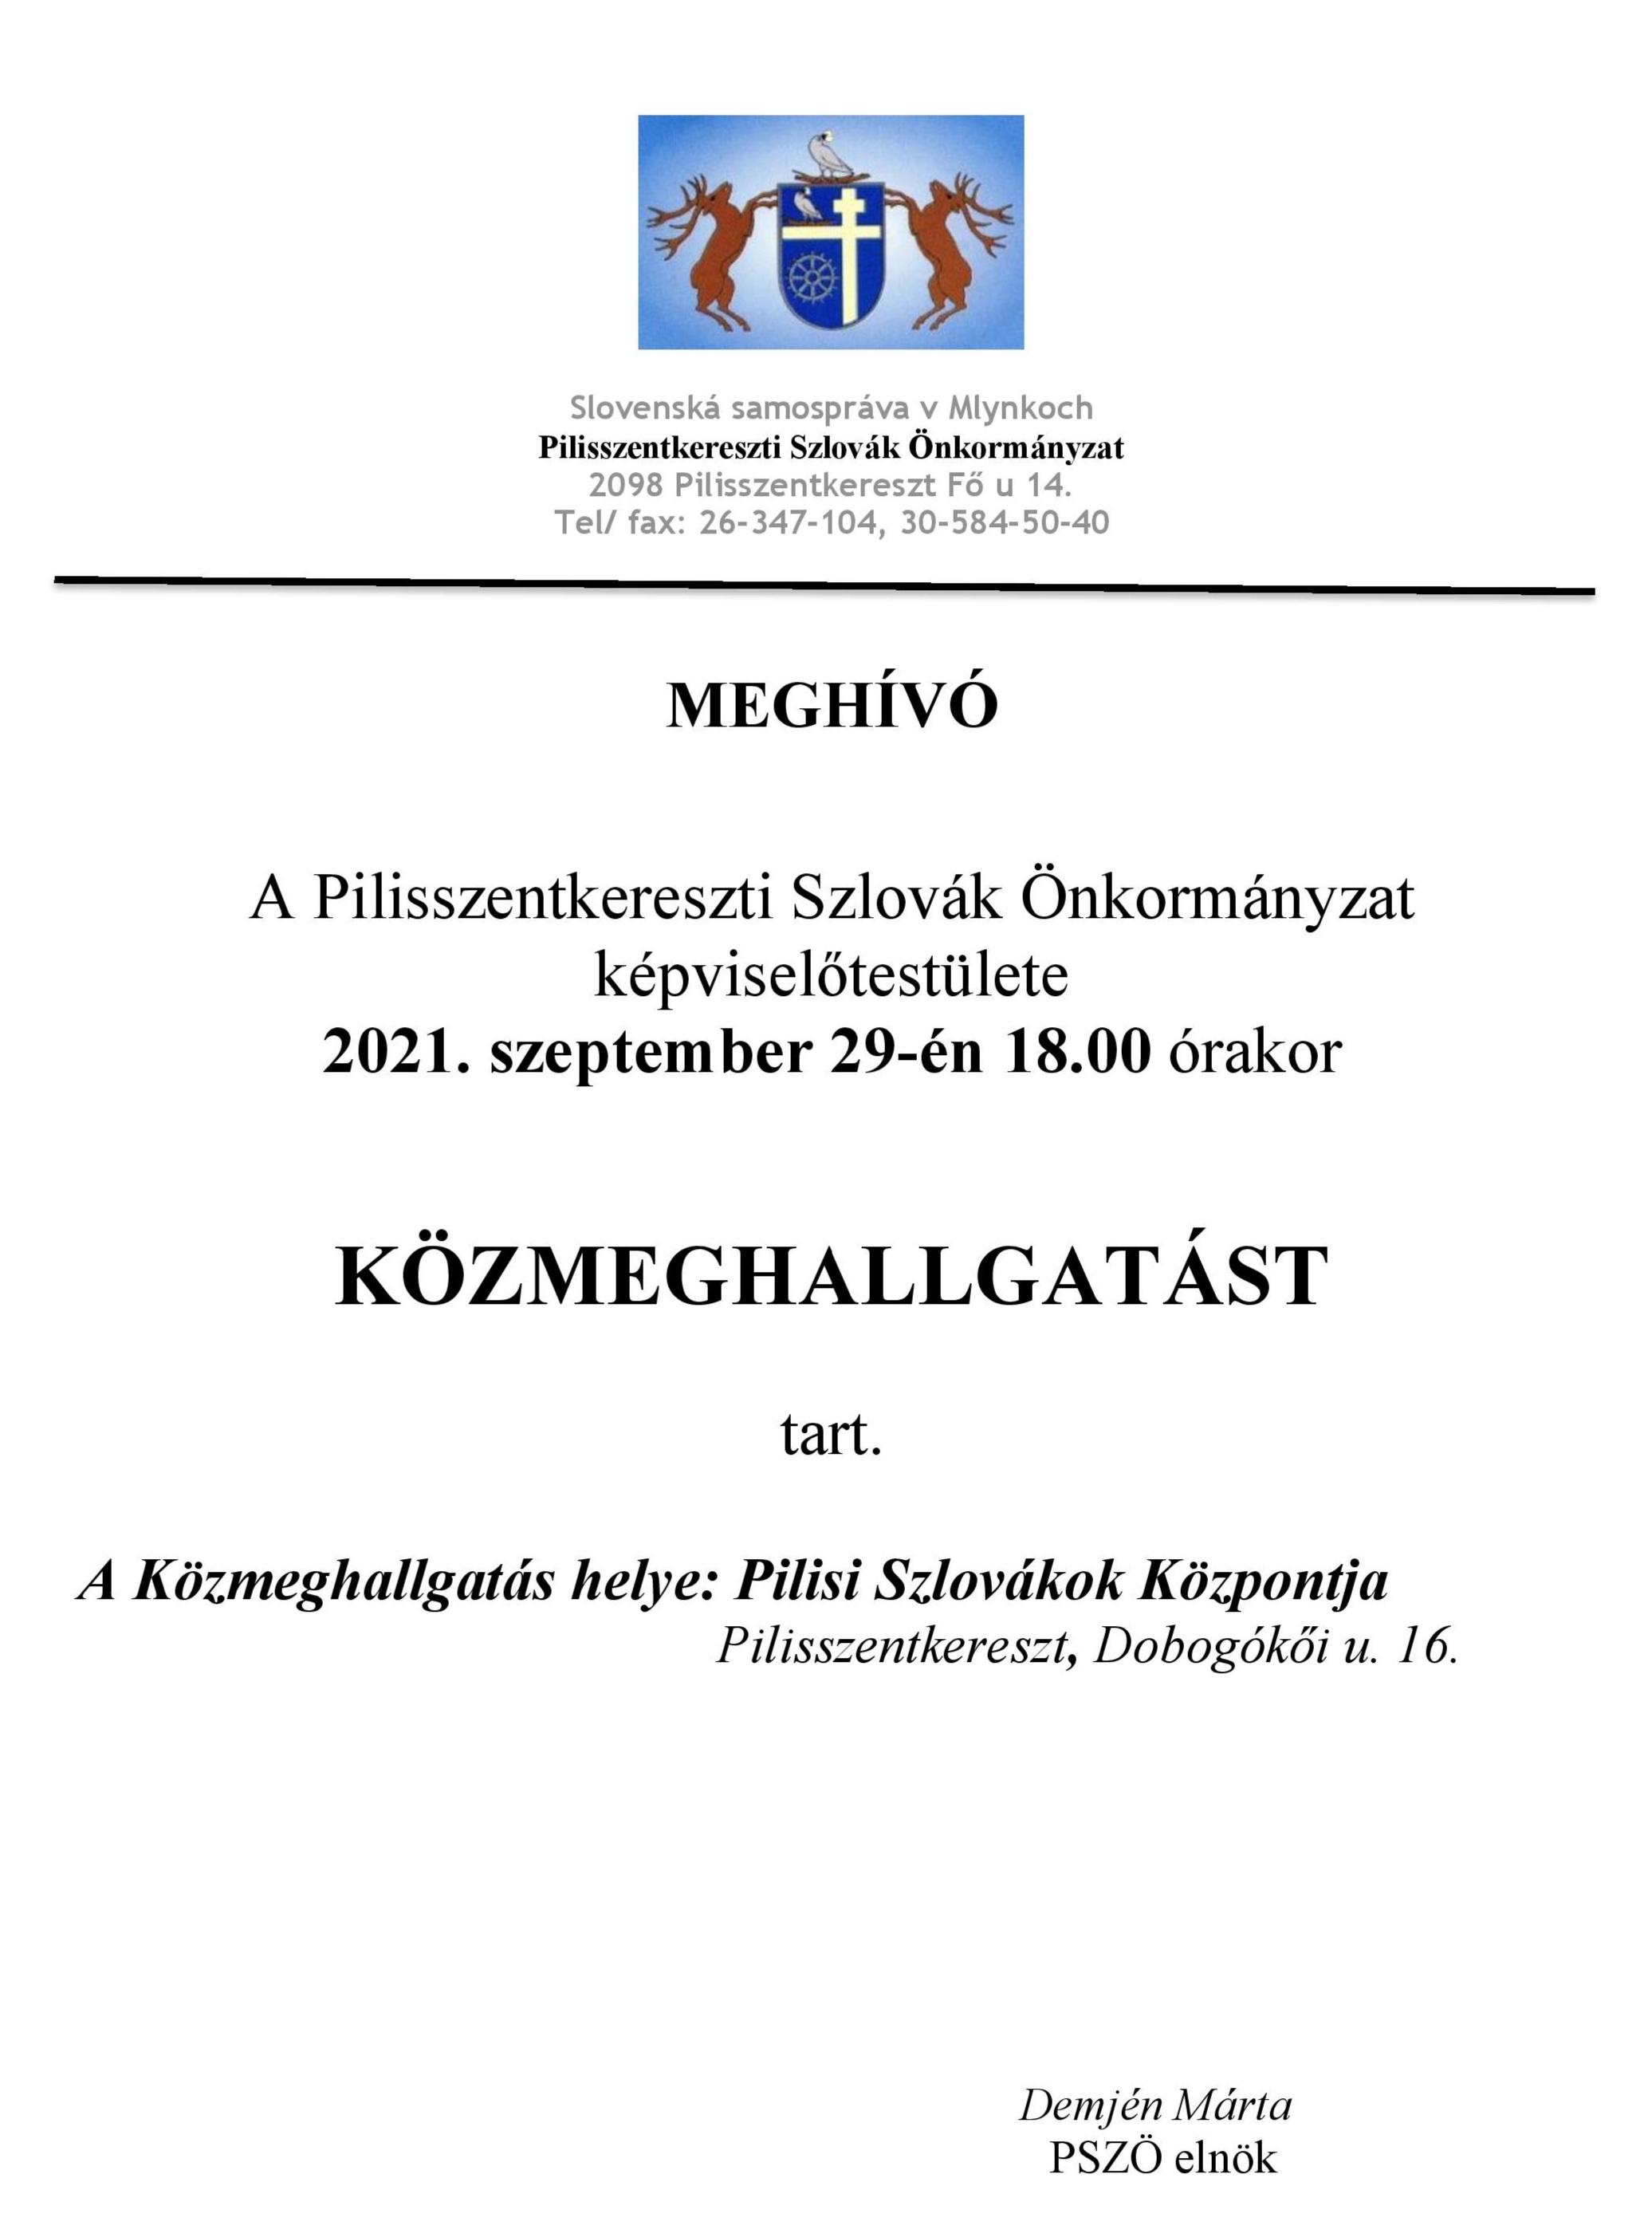 PSZÖ közmeghallgatás meghívó 09029.